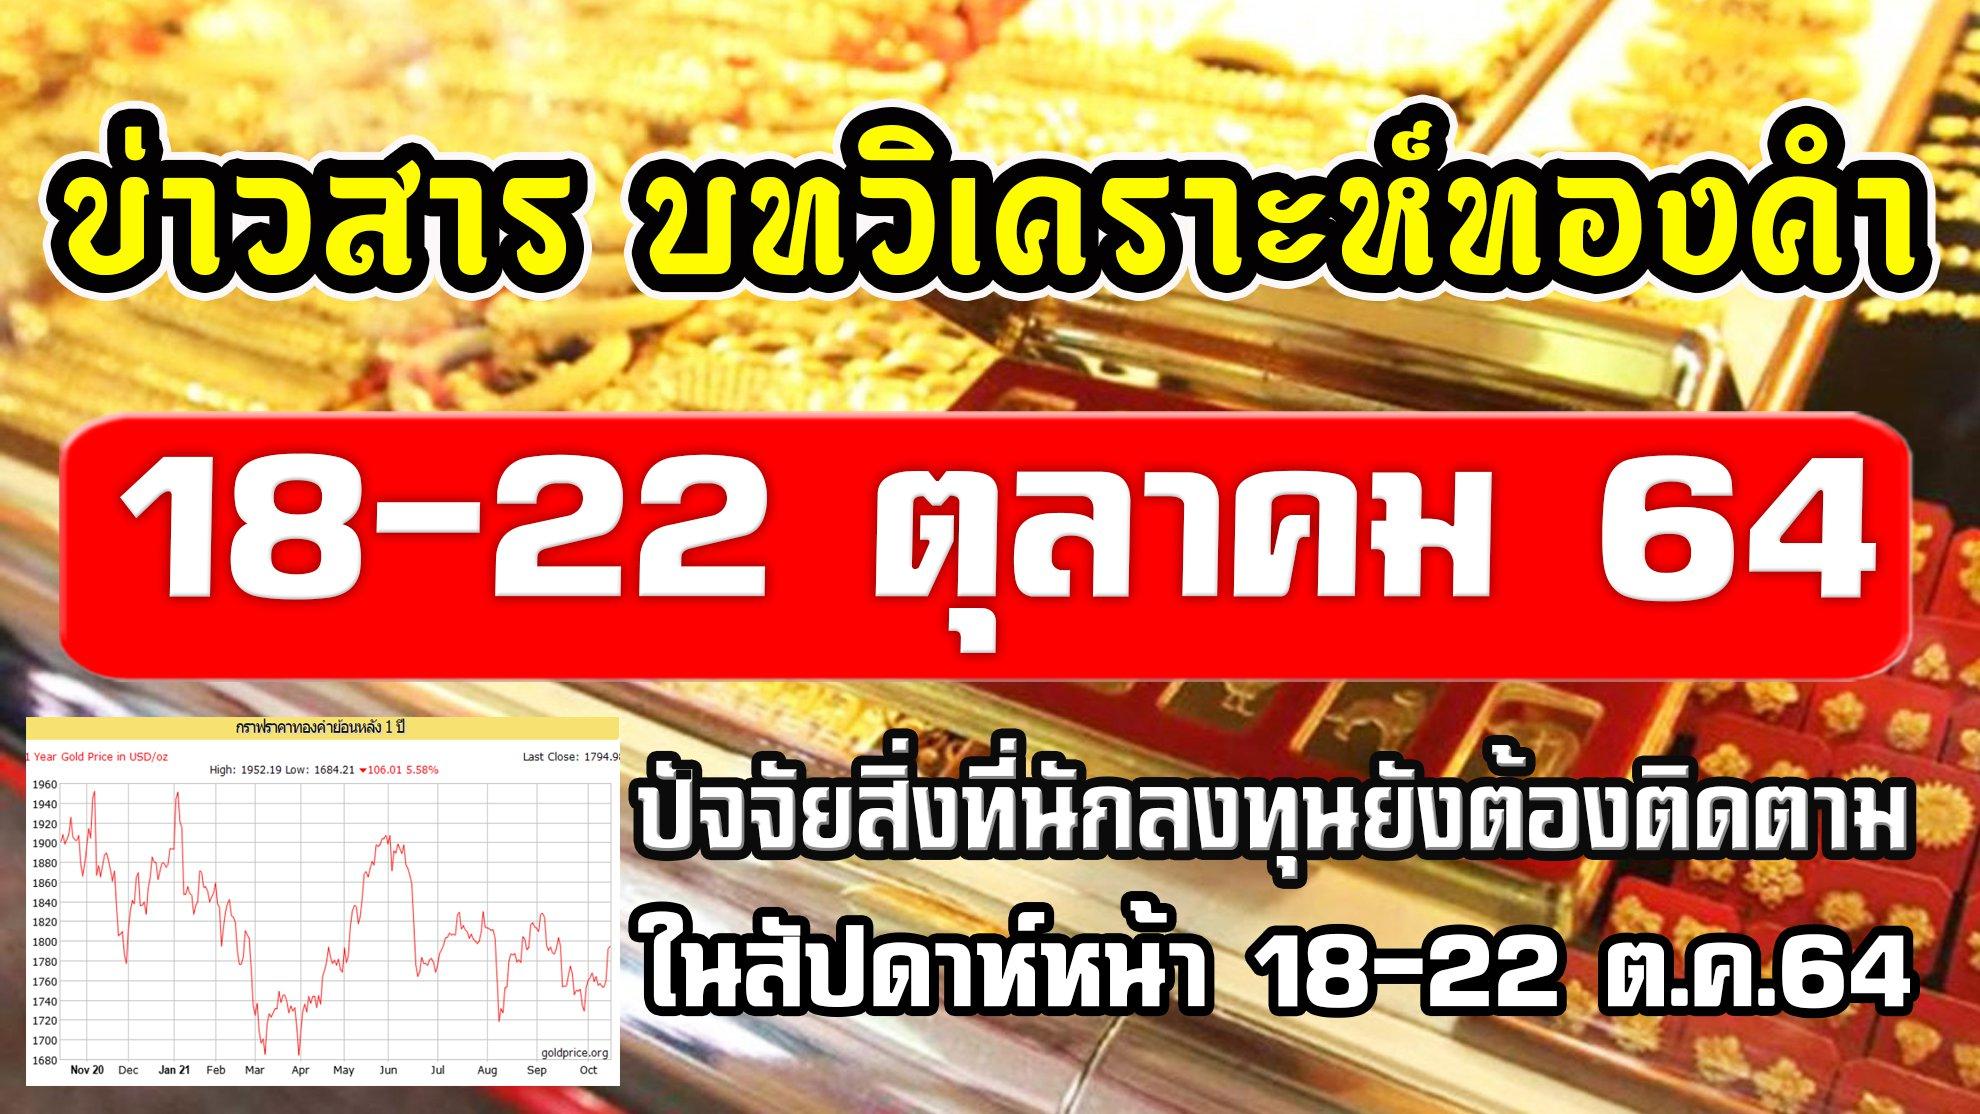 ราคาทองคำวันนี้ วิเคราะห์ทองคำ 18-22ต.ค.64 ปัจจัยทองคำ 18/10/64 แนวโน้มทองคำ 18ต.ค.64 ราคาทองวันนี้